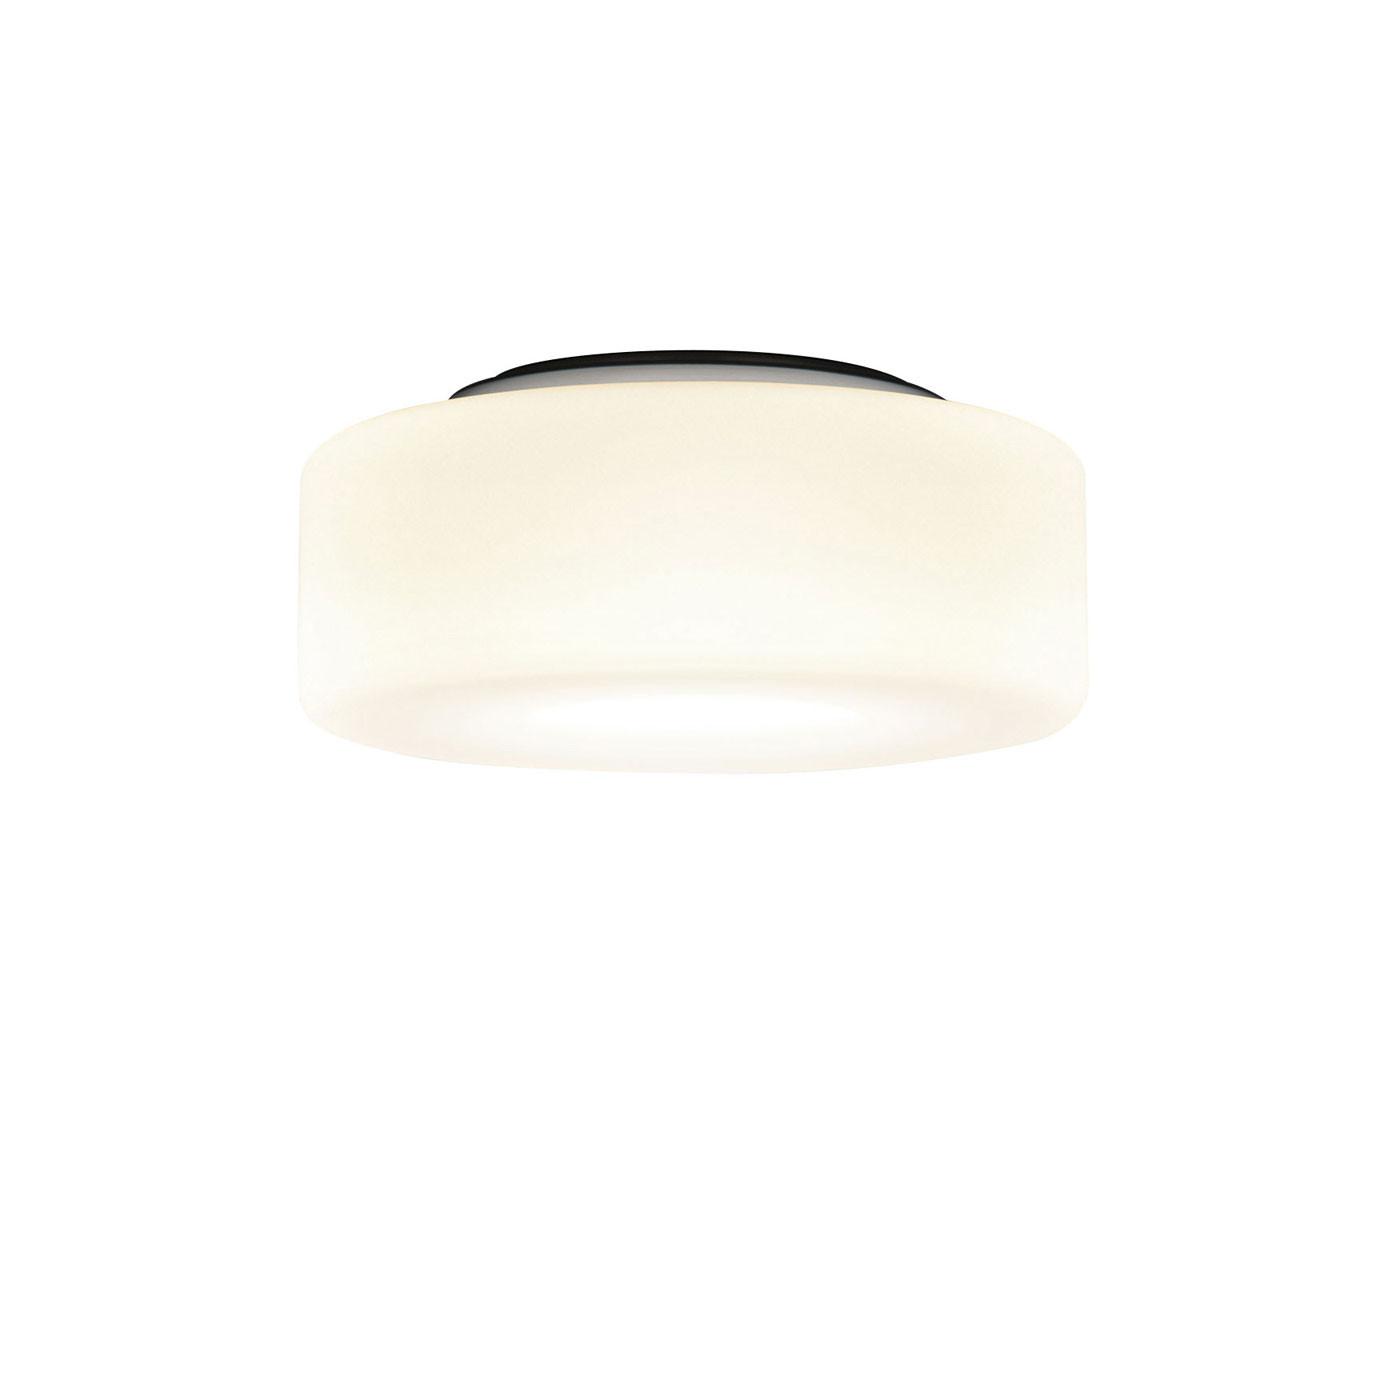 Serien Lighting Curling Ceiling S LED